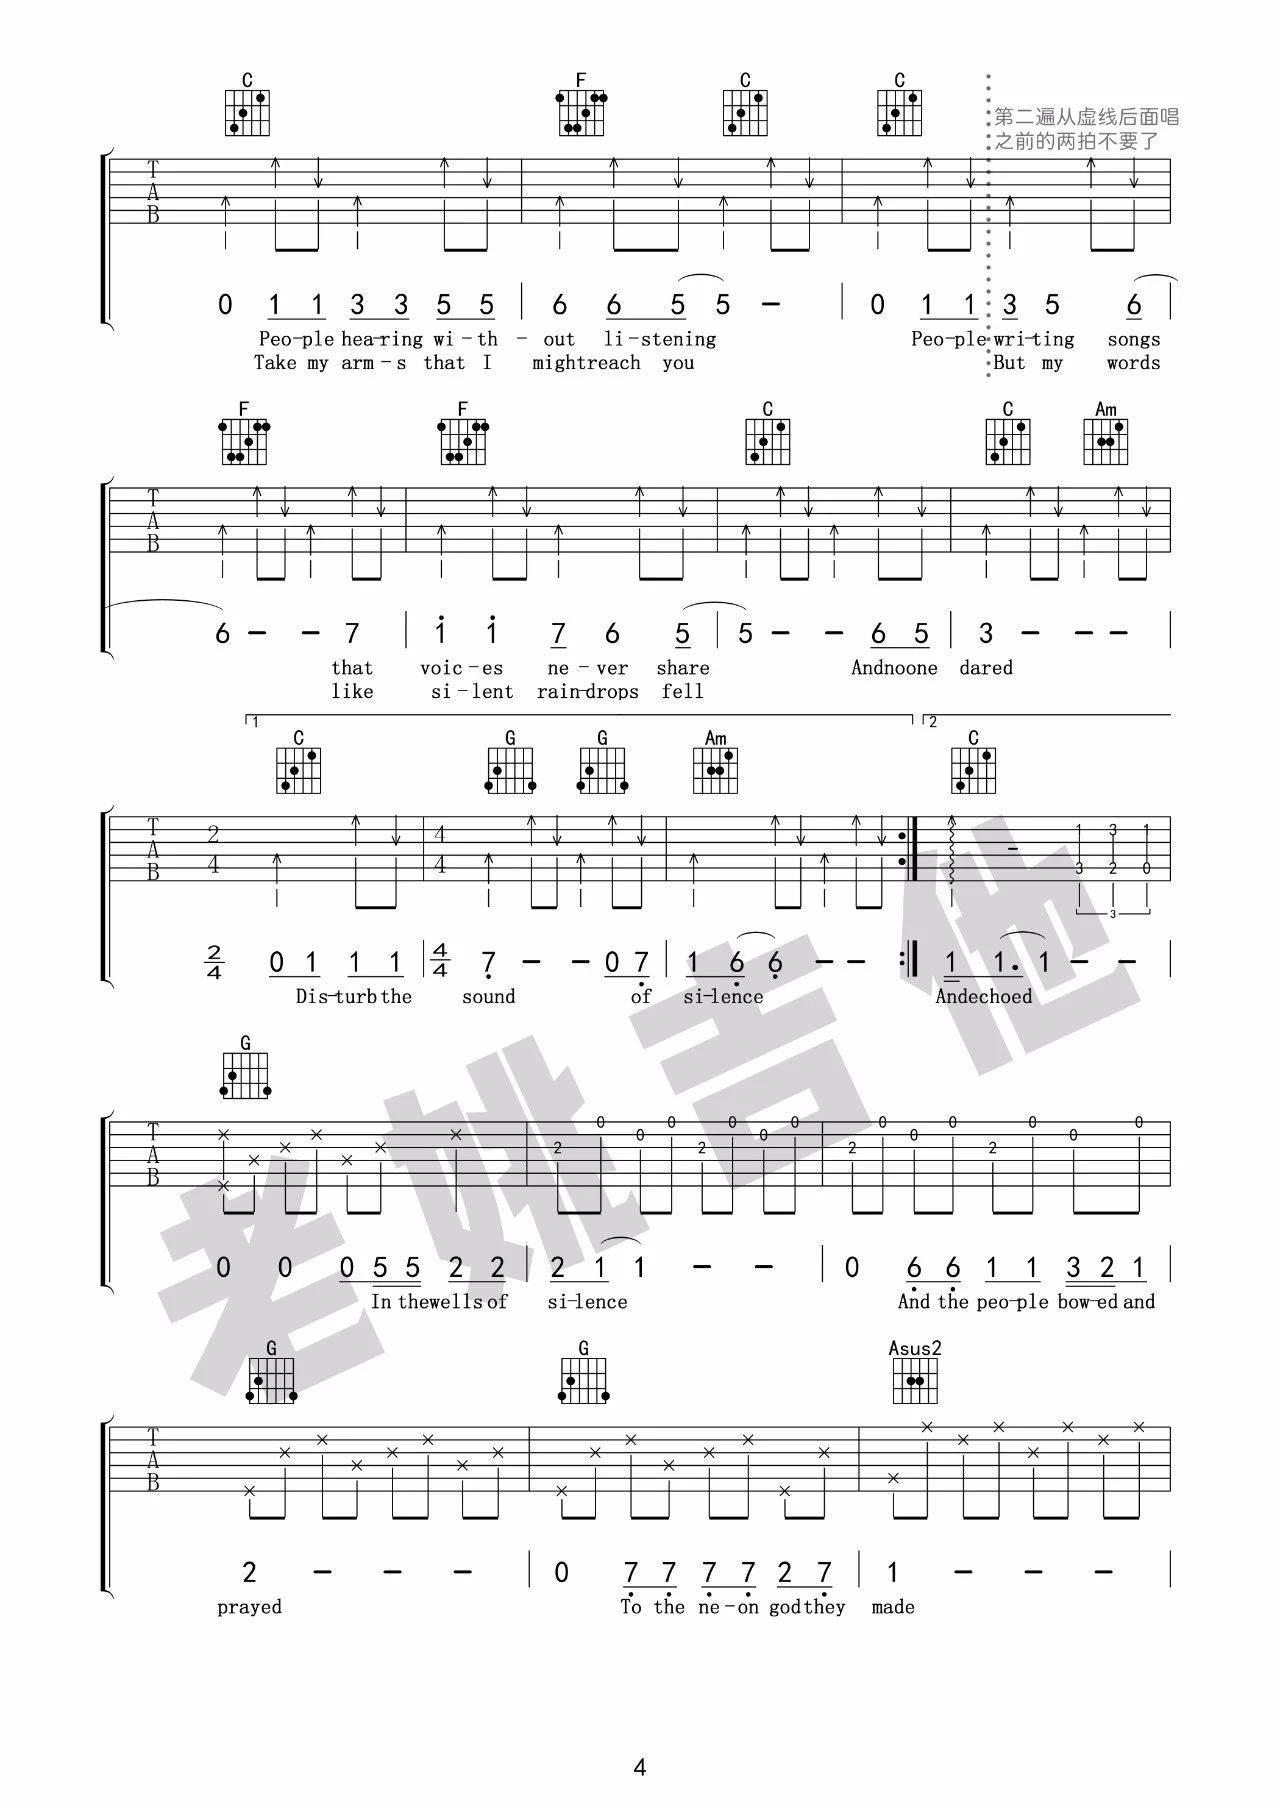 吉他派《寂静之声》吉他谱-4